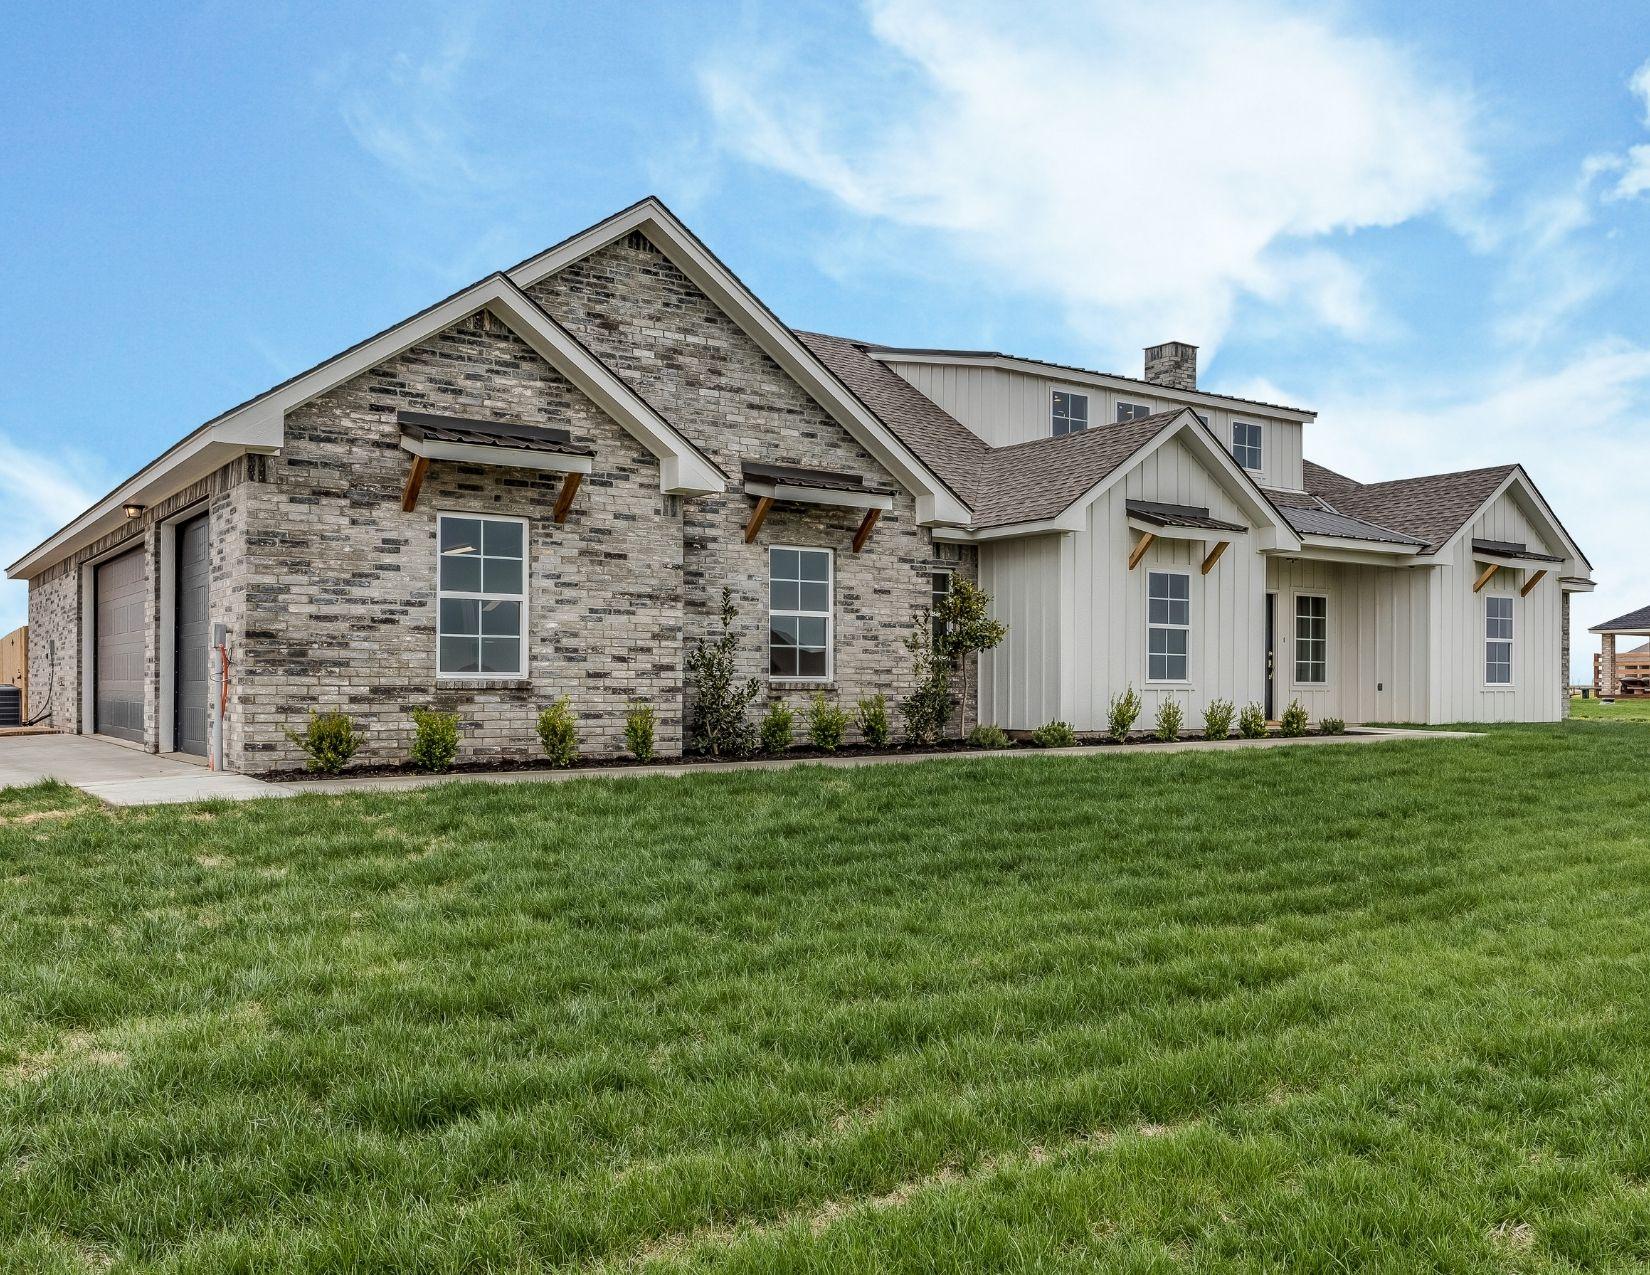 homes for sale in schertz Texas